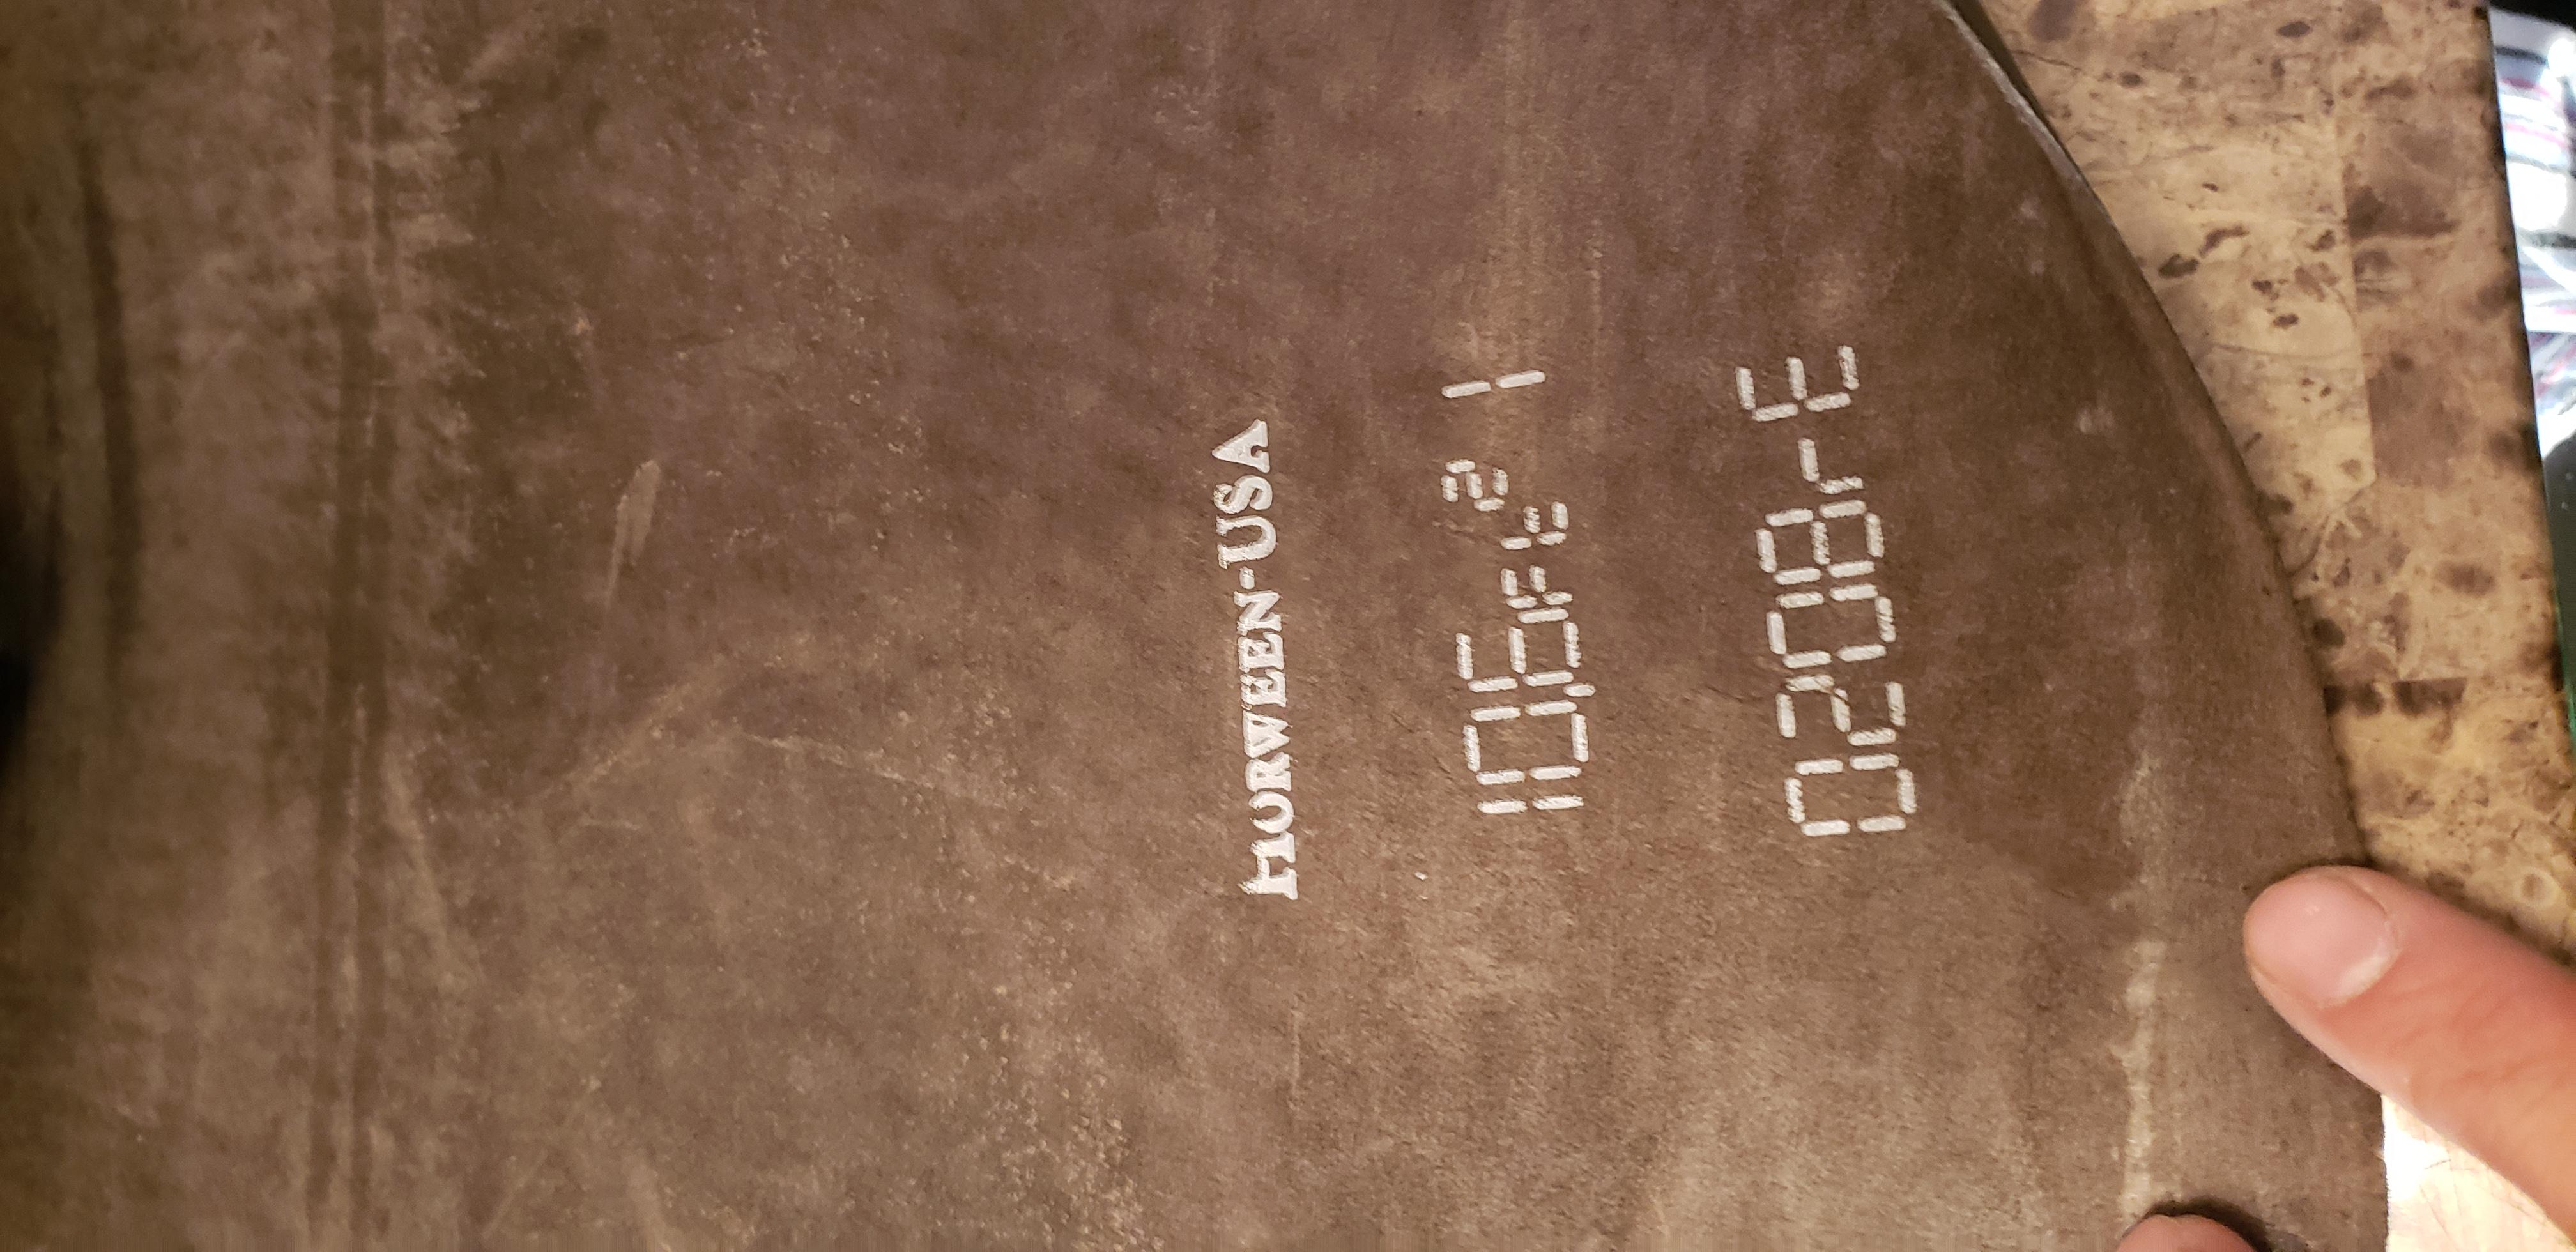 20210615_190958.jpg